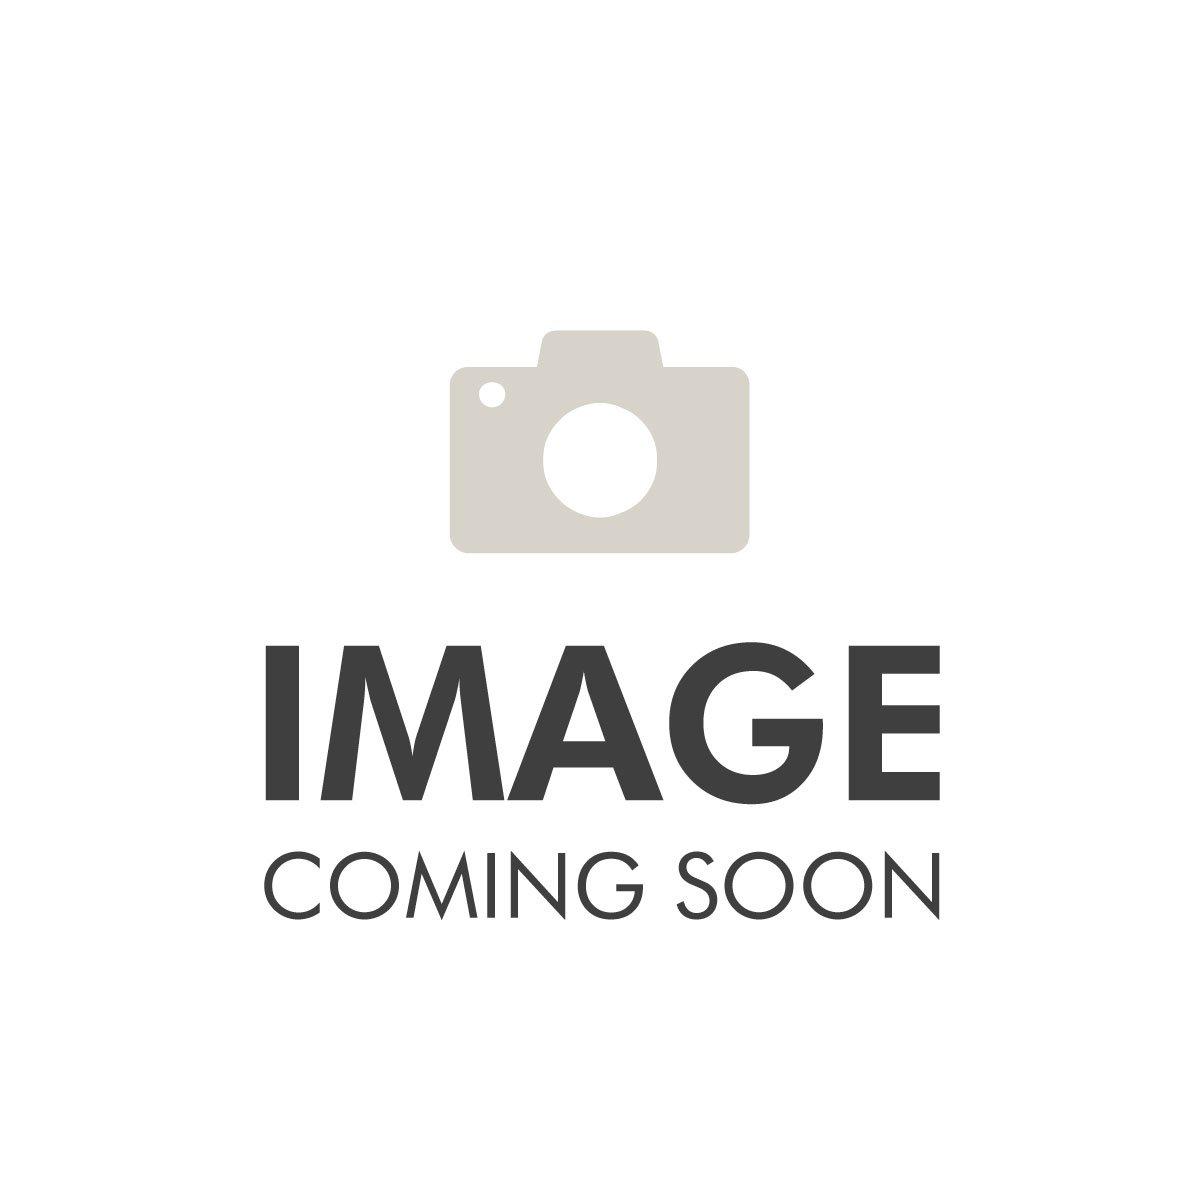 Dolce & Gabbana 1 Le Bateleur Eau De Toilette Spray 100ml